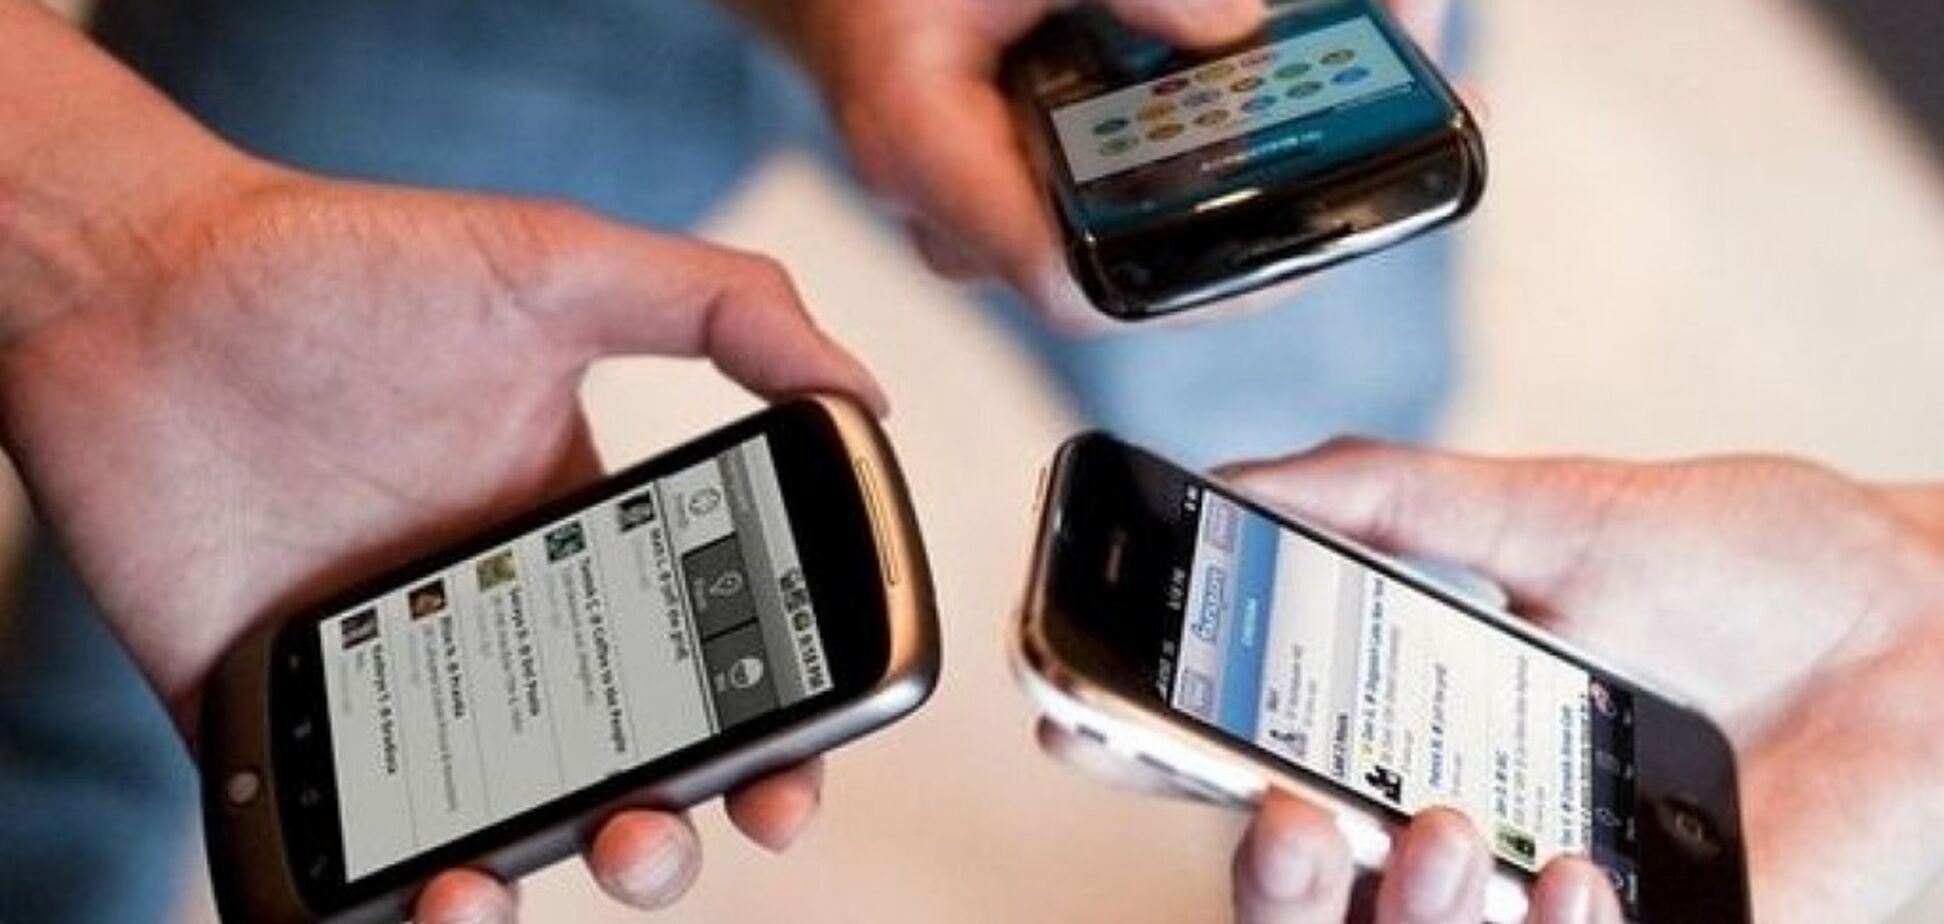 В Украине повысят тарифы на мобильную связь: затронет миллионы людей